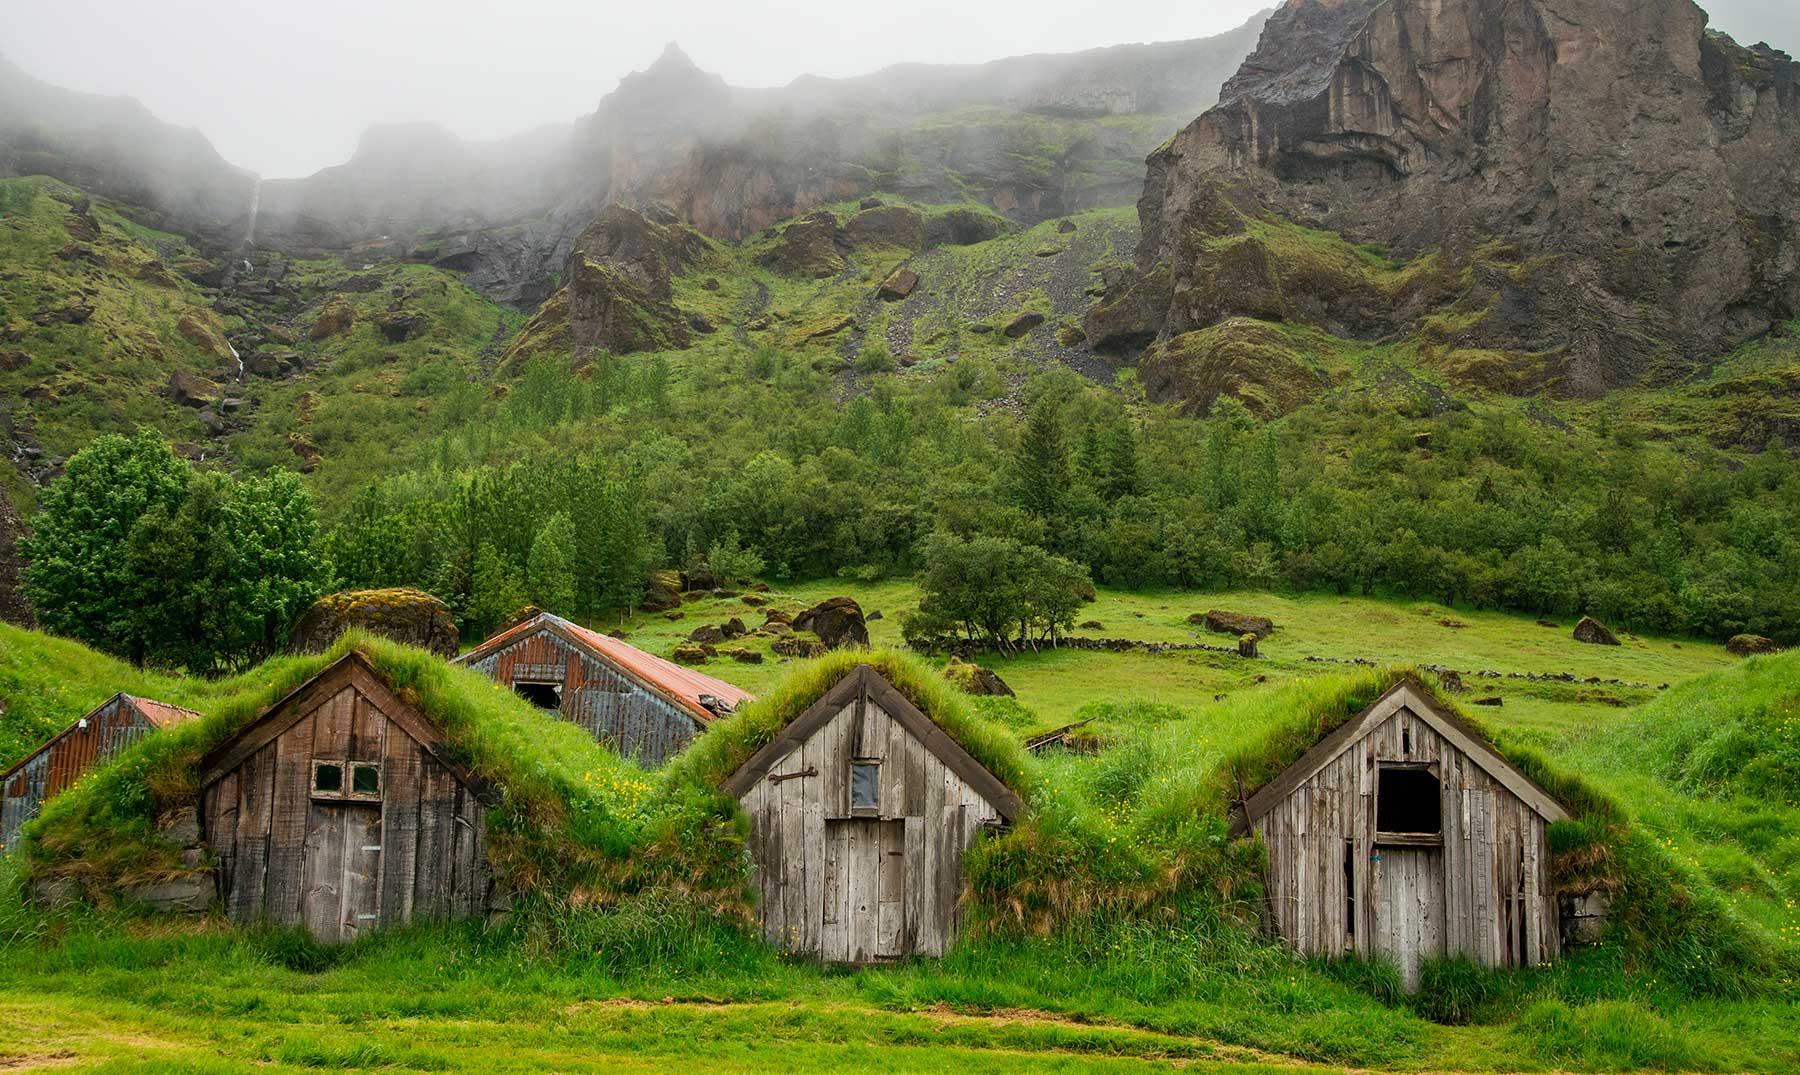 Maravillas vikingas las tradicionales casas de c sped de islandia - Casas en islandia ...